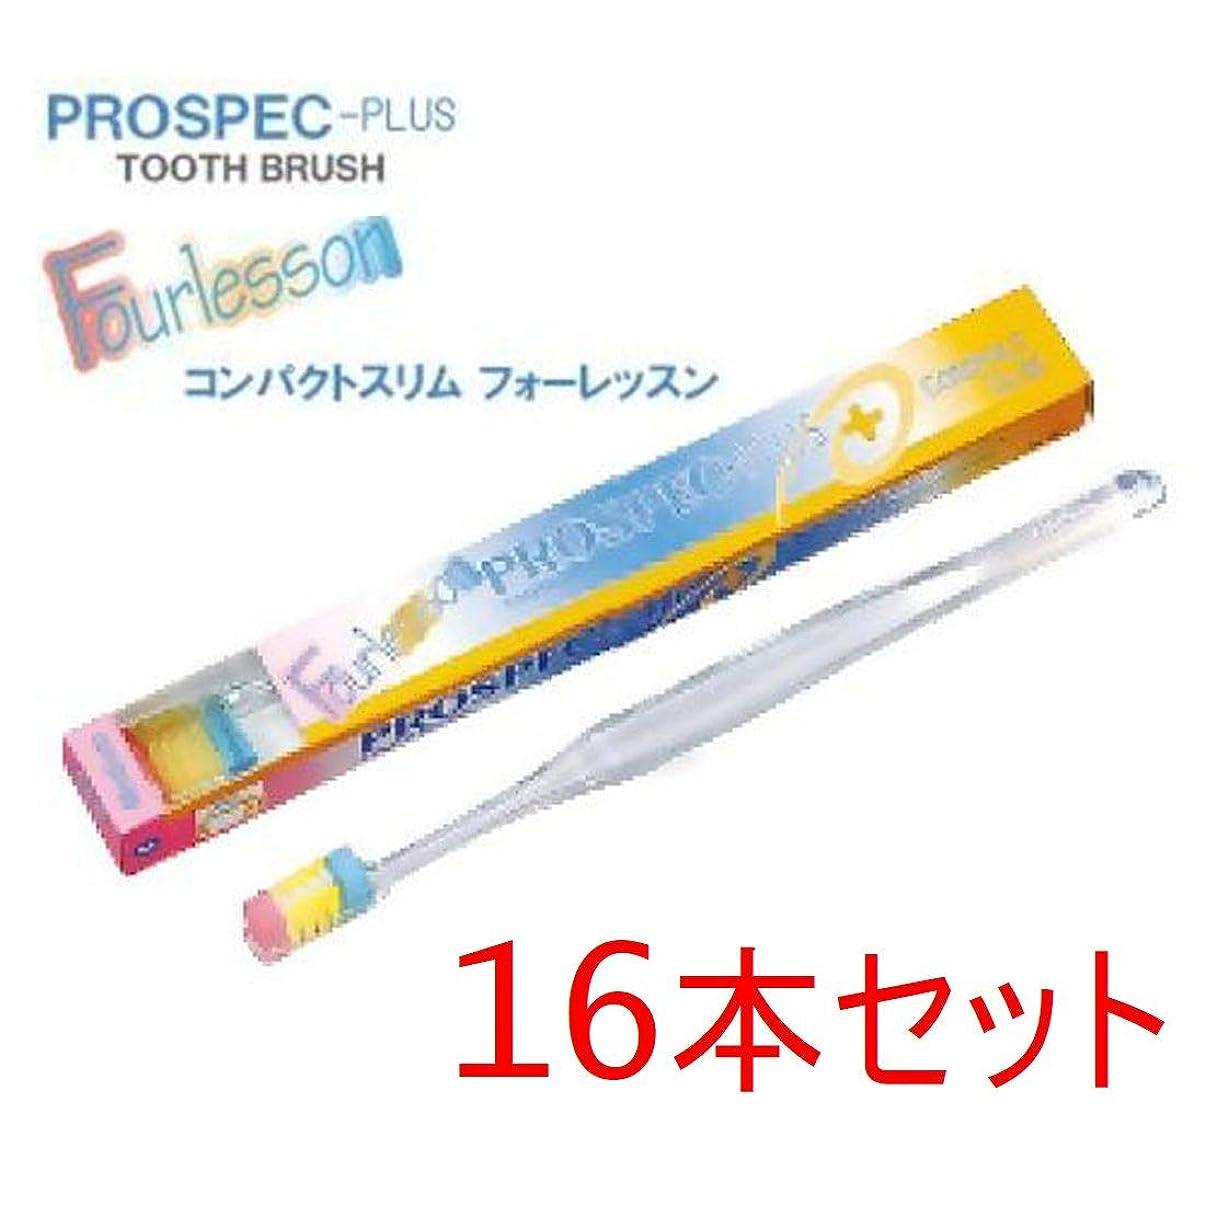 プロスペック 歯ブラシ コンパクトスリム 16本 フォーレッスン 毛の硬さ ふつう